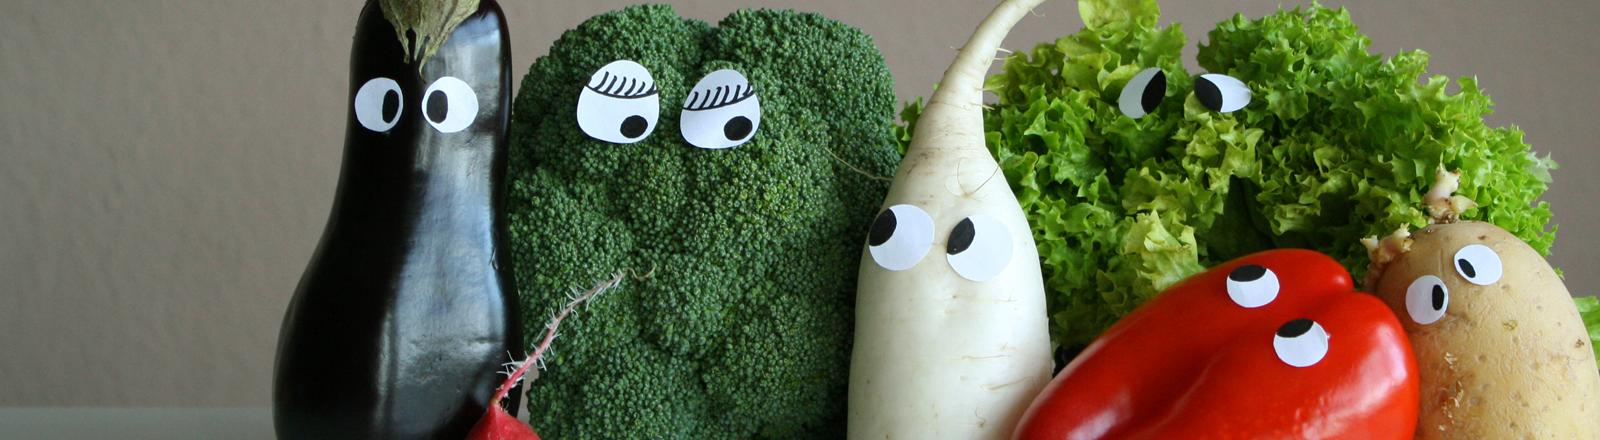 Verschiedene Gemüsesorten - Aubergine, Paprika, Brokkoli und Co. - mit Augen.